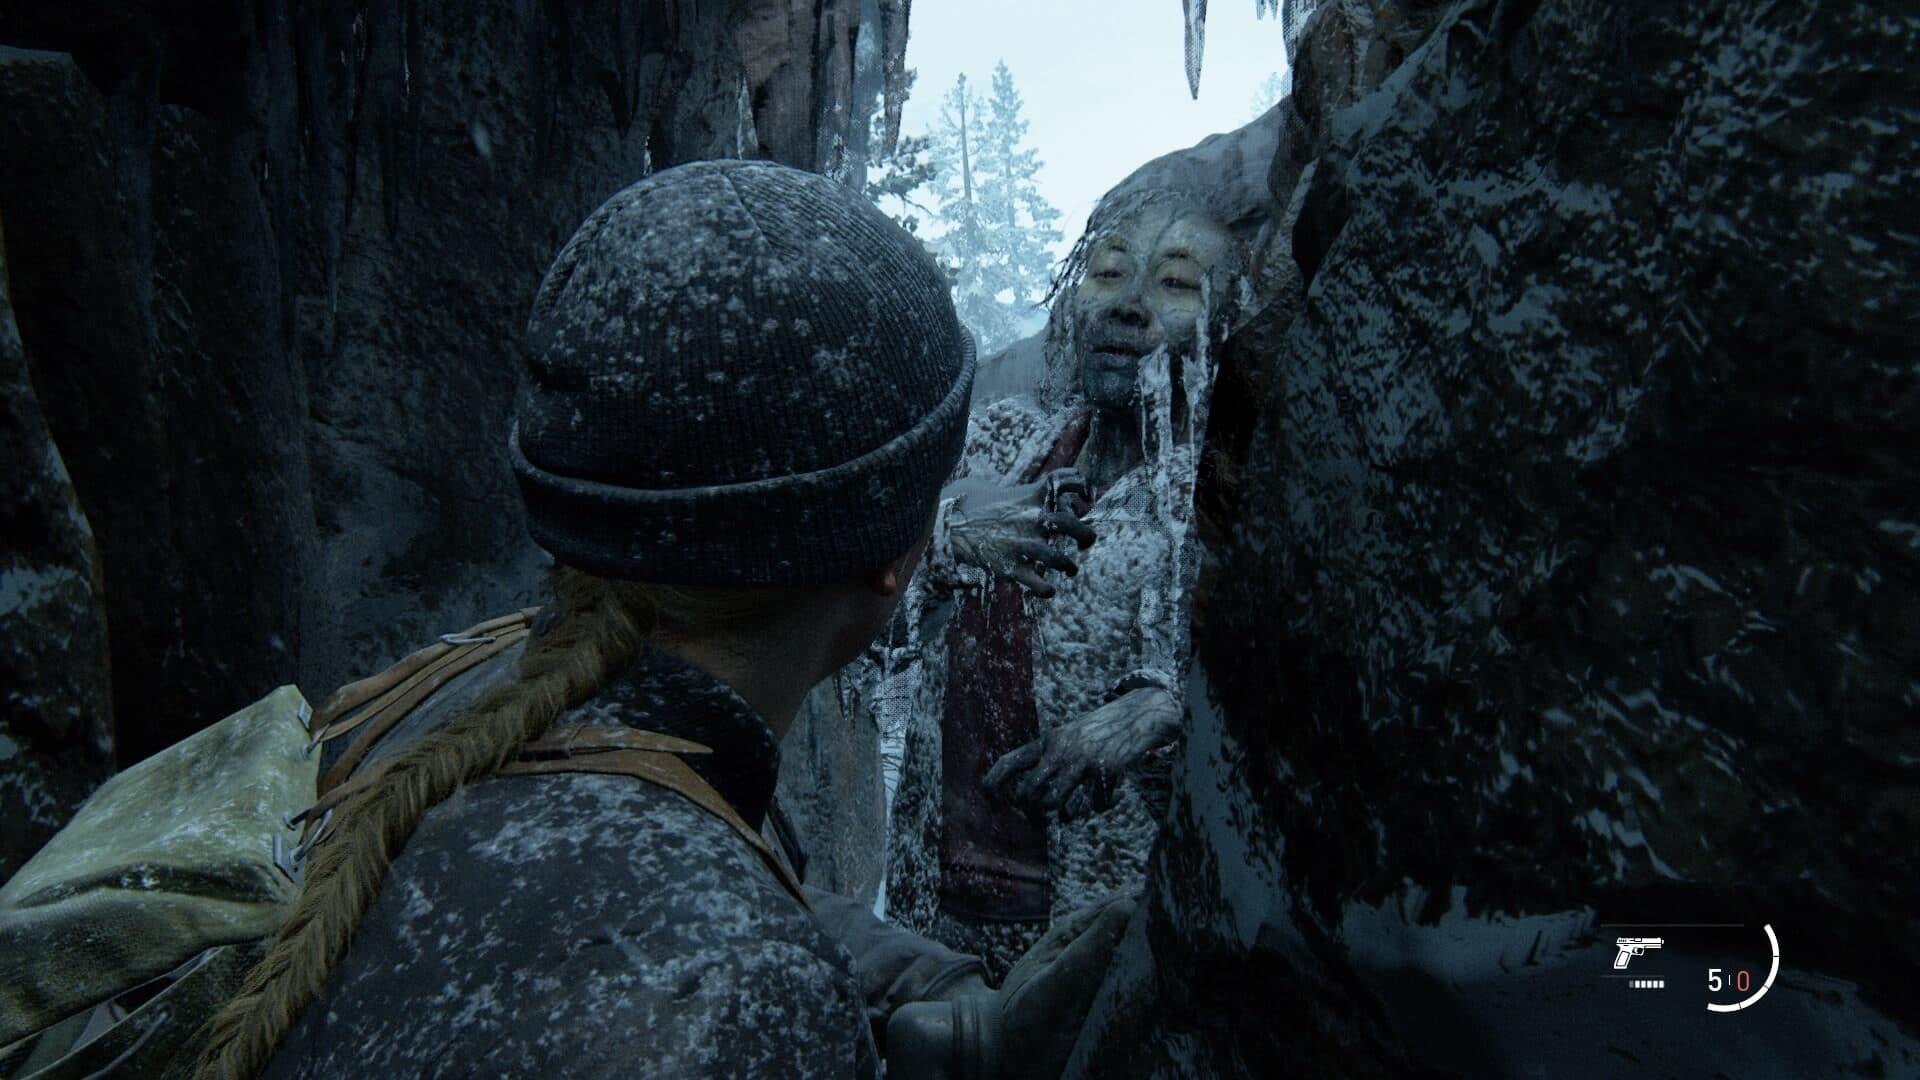 Eine Frau mit Mütze drückt sich durch eine Felsspalte, an deren Ende die gefrorene Leiche einer anderen Frau eingeklemmt ist.